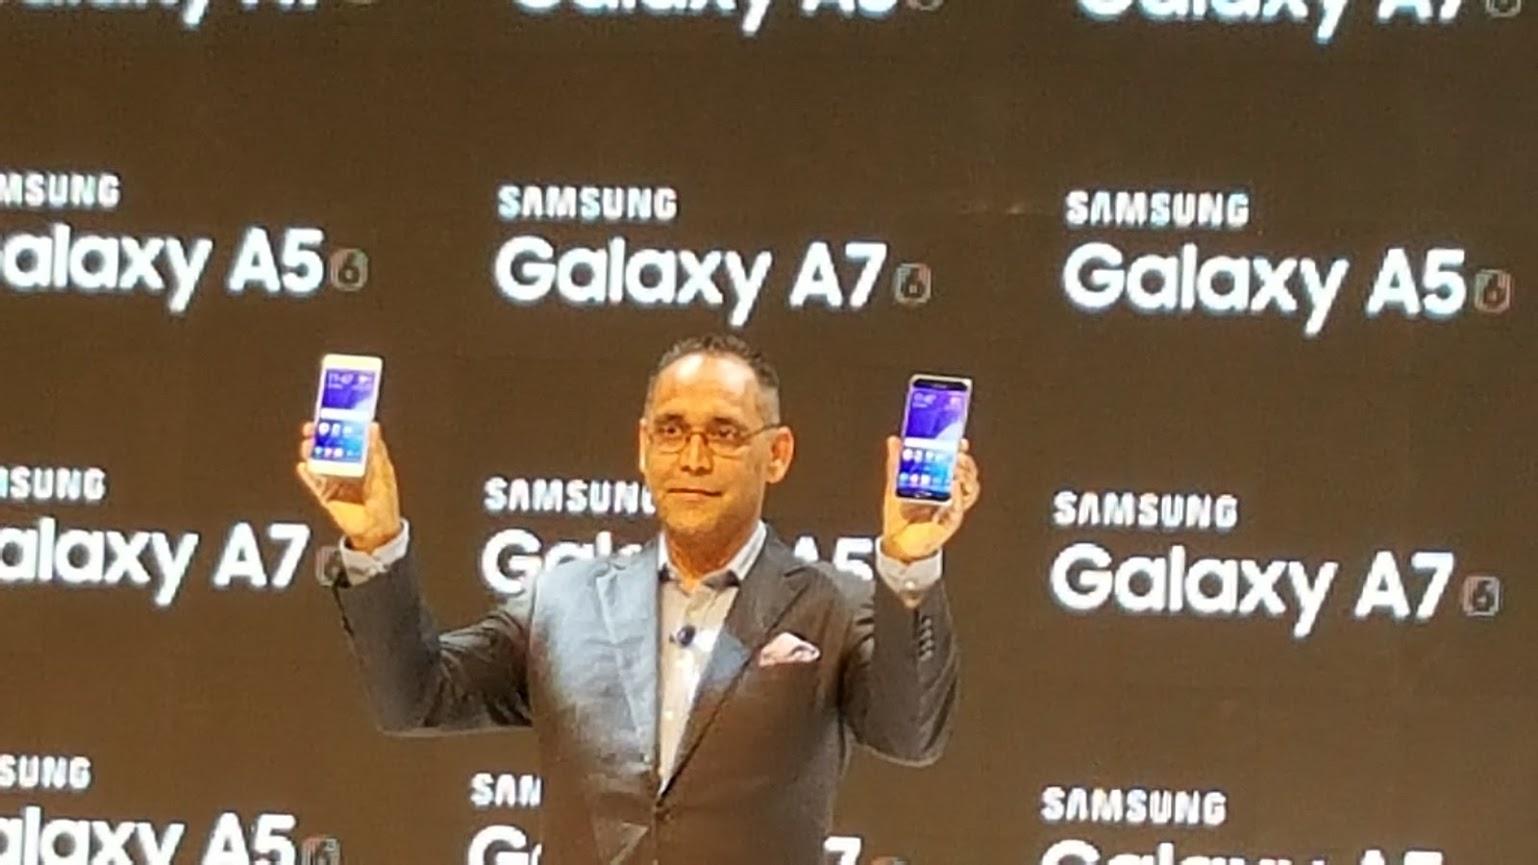 Samsung Galaxy A5 and Galaxy A7